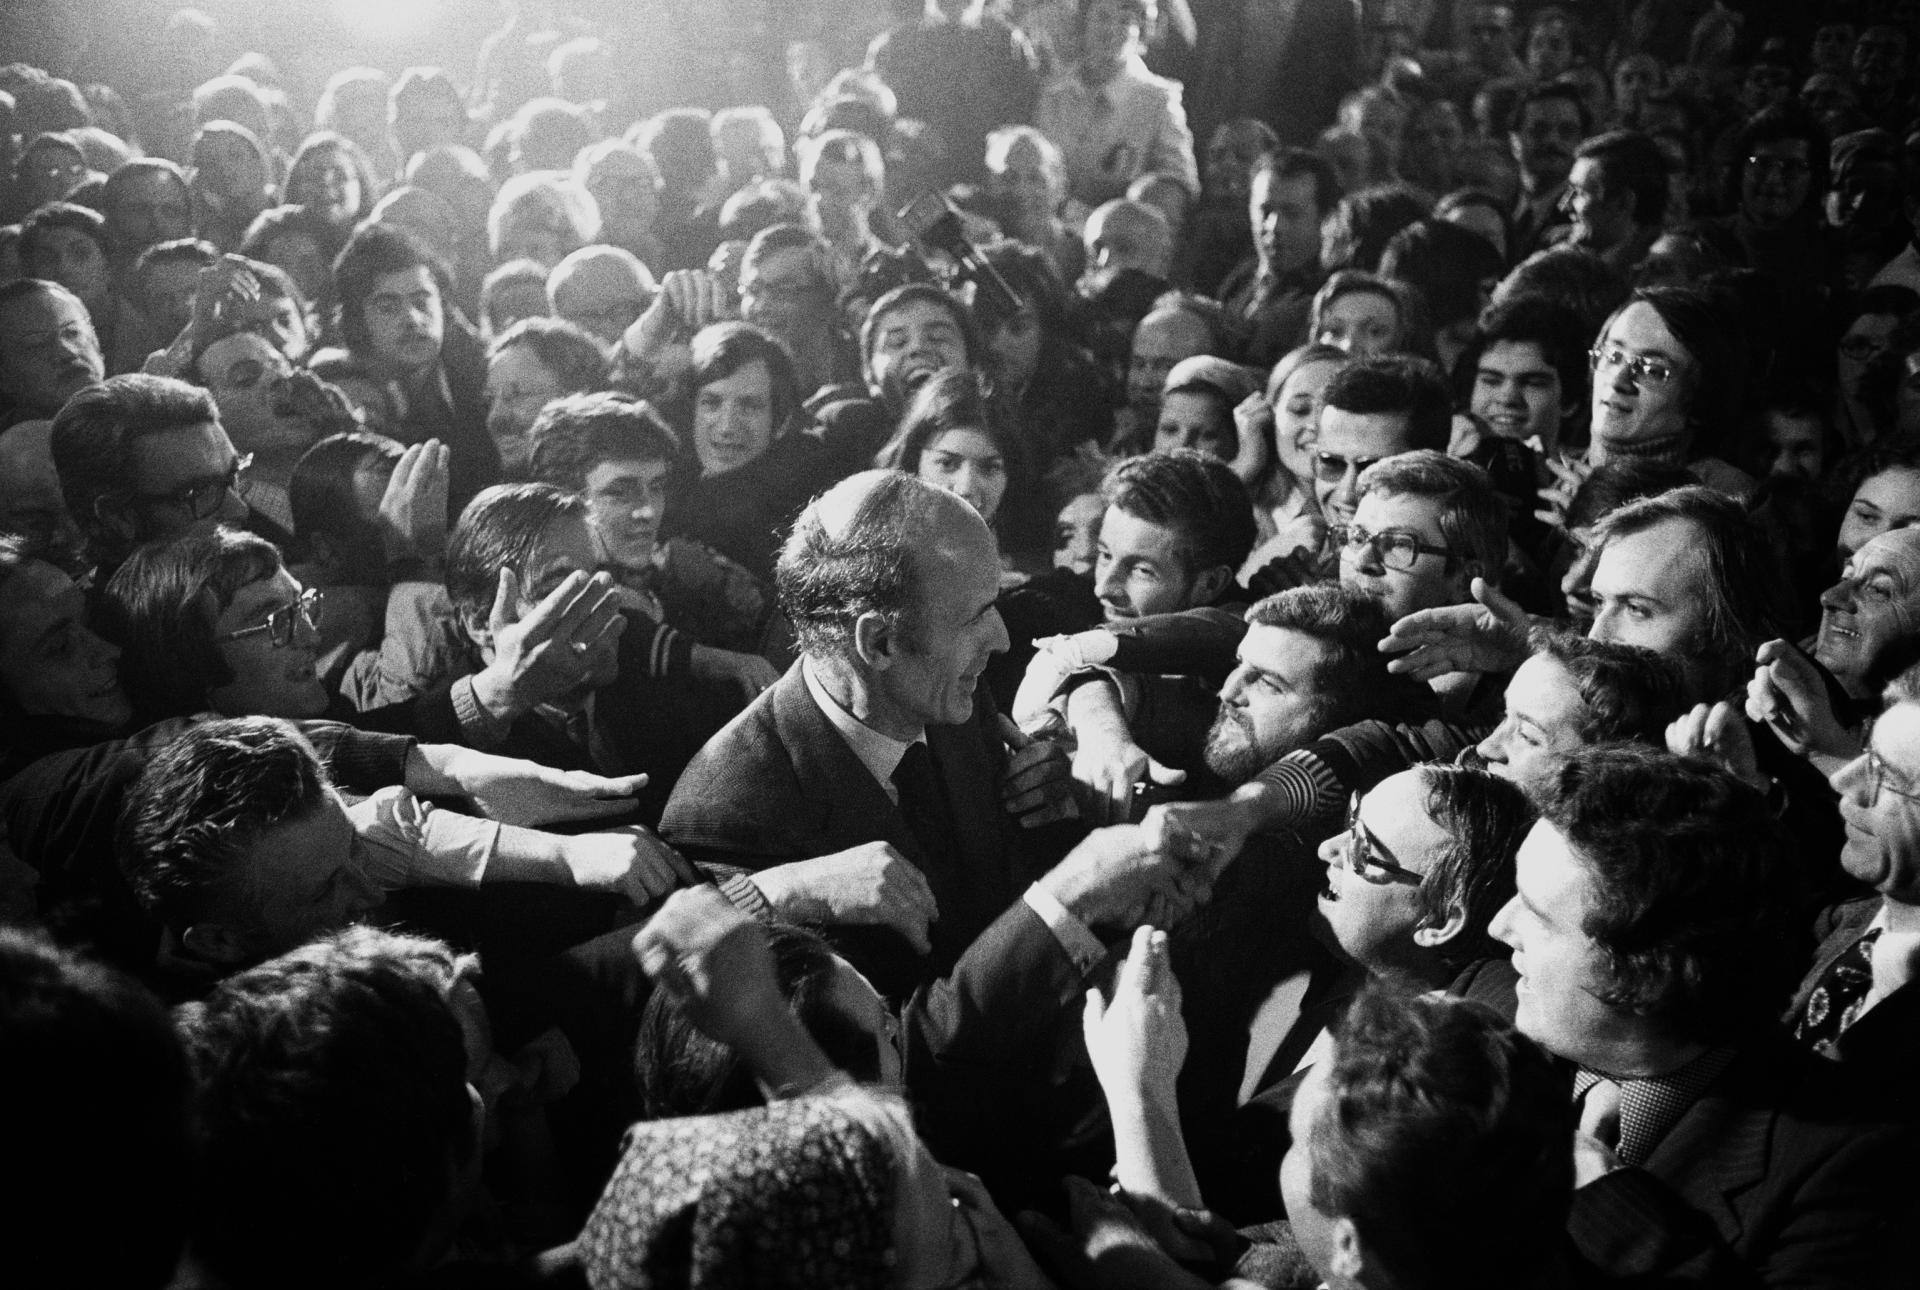 Bain de foule avec ses partisans, lors d'un meeting de campagne en avril 1074